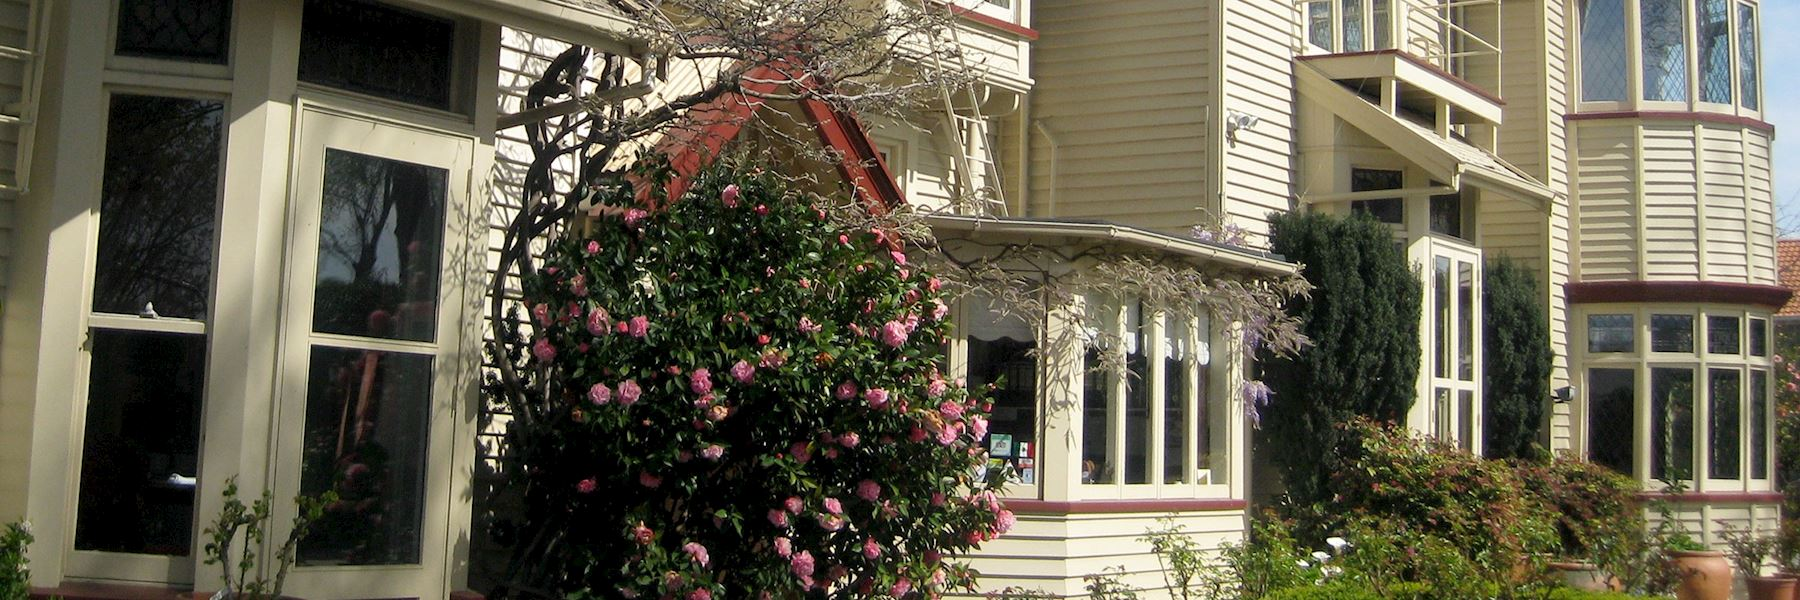 Eliza's Manor Boutique Hotel